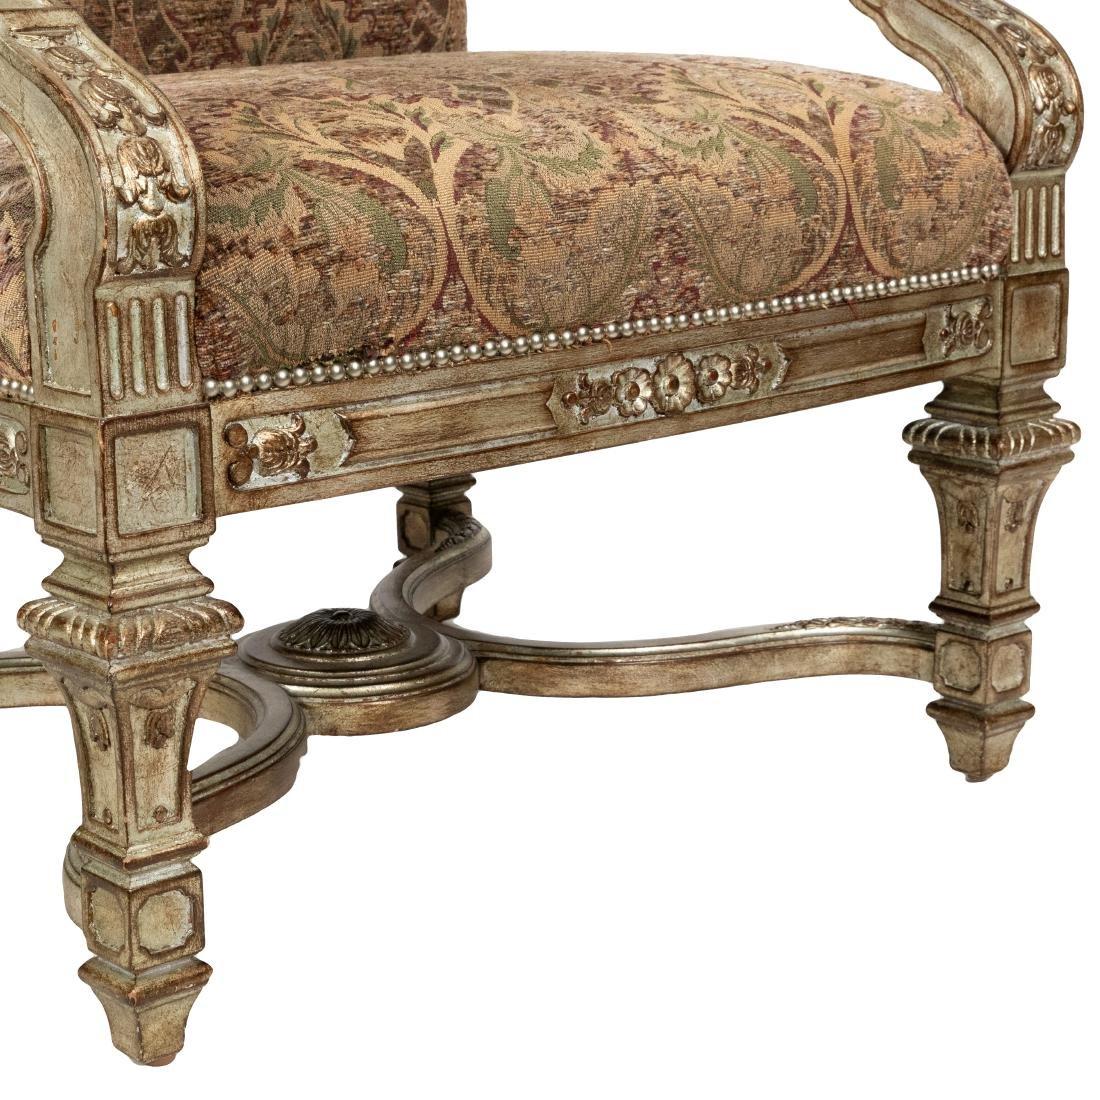 Silver Leaf Arm Chair - 2